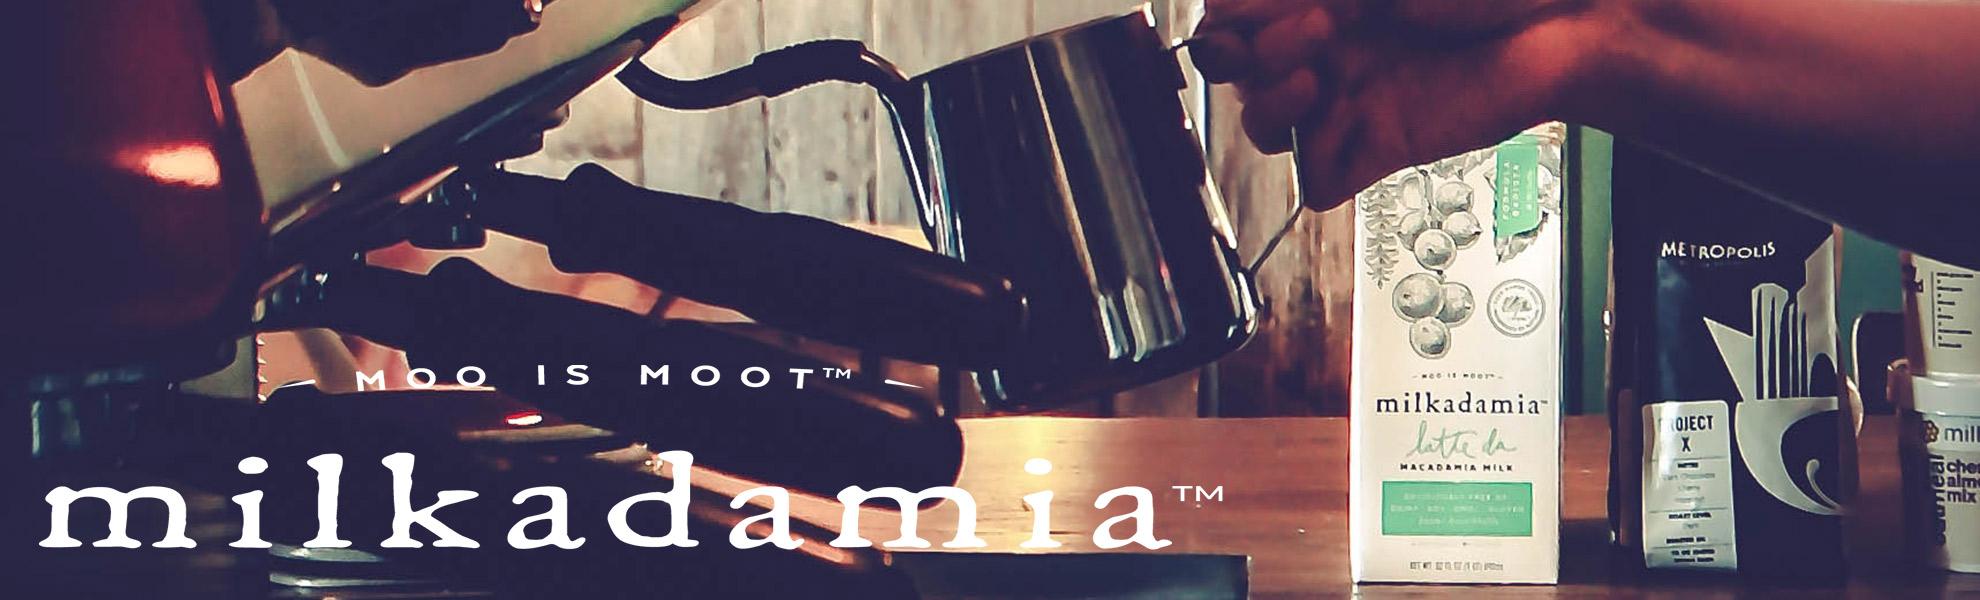 Milkadamia_web_main2